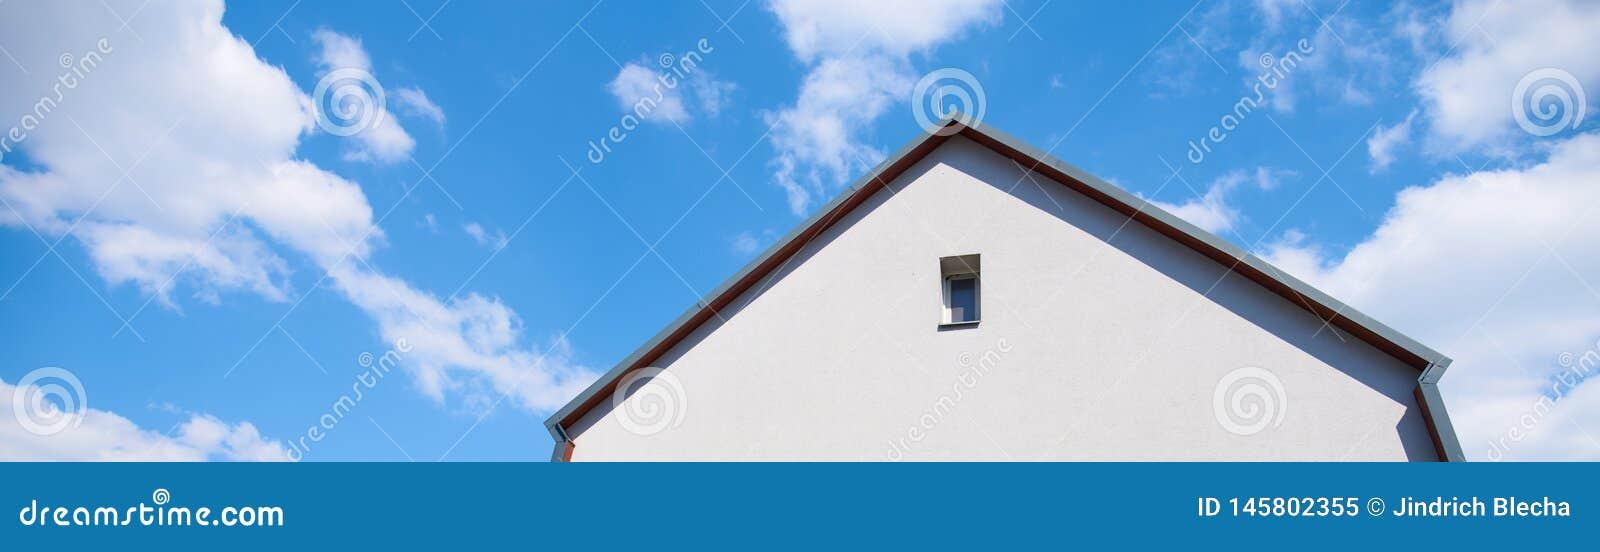 B?timent, villa, contre un ciel bleu avec les nuages blancs